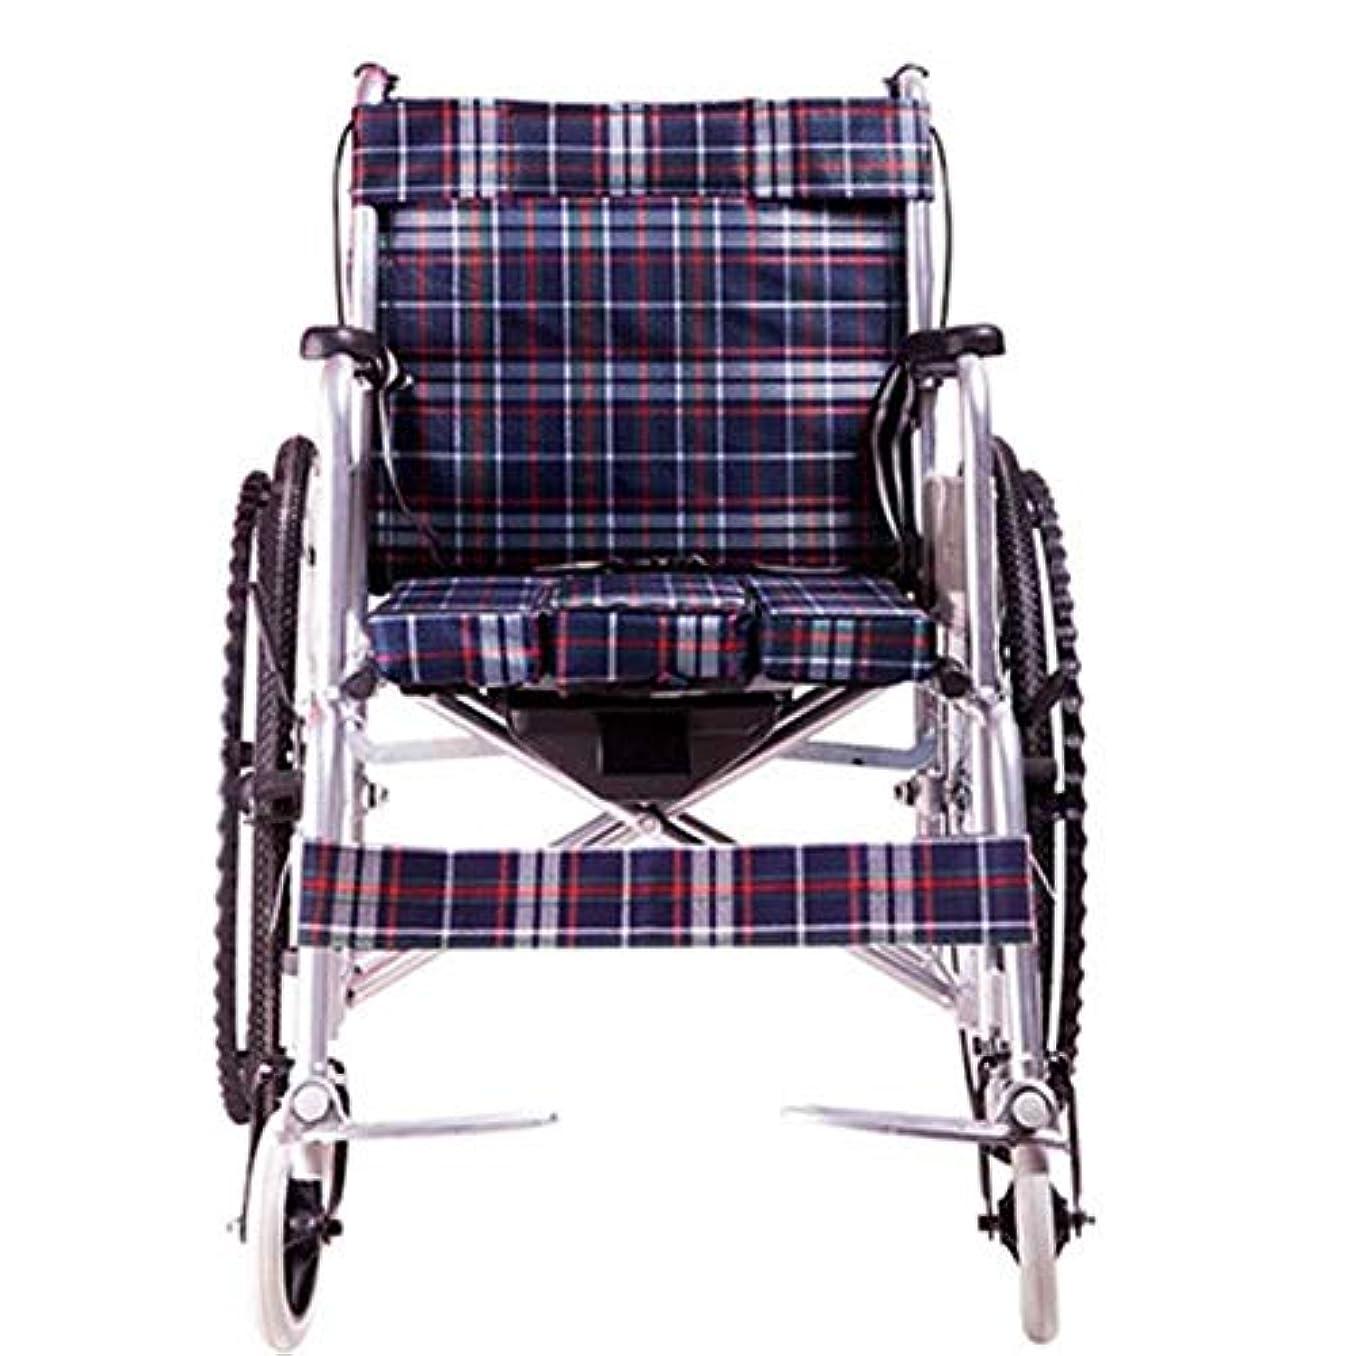 不定口実気分が悪いハンドブレーキとクイックリリースリアホイールを備えた軽量アルミニウム折りたたみ式セルフプロペール車椅子 (Color : Oxford cloth)